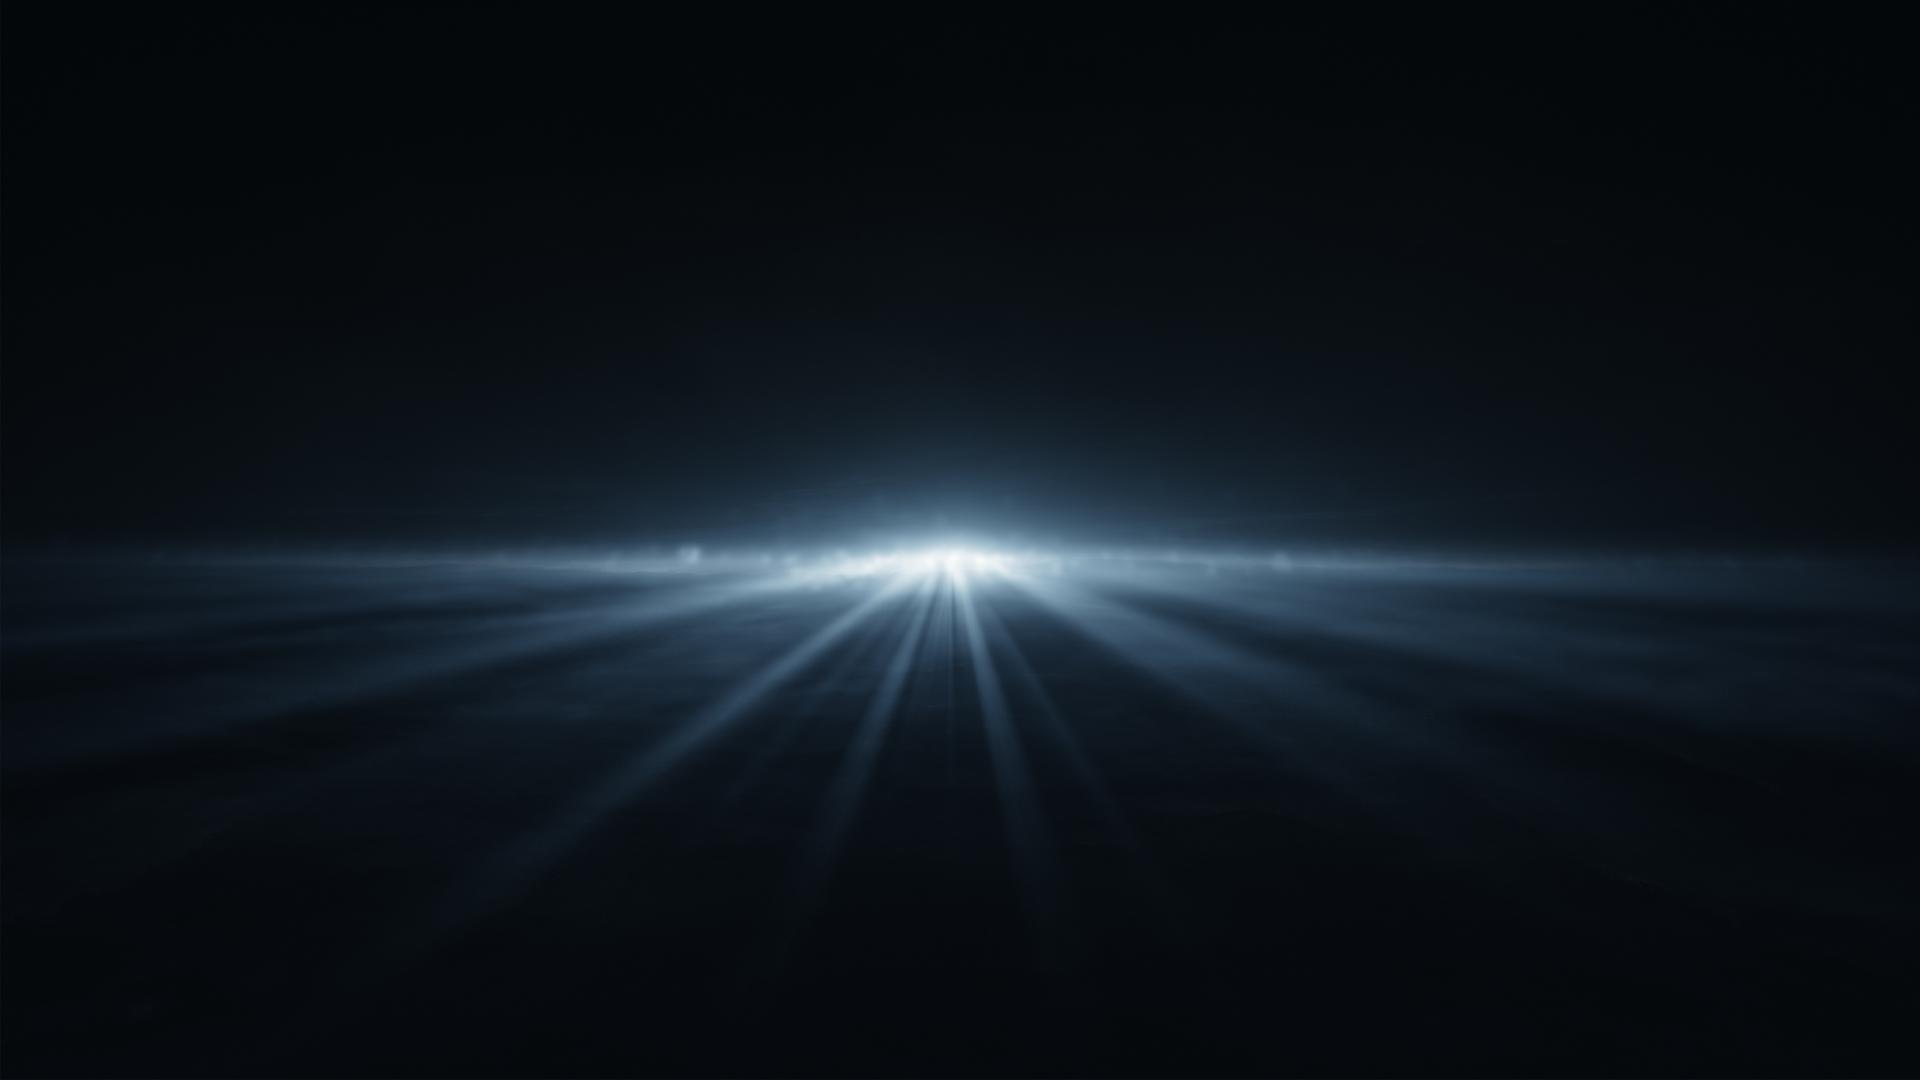 Hình nền đen không gian